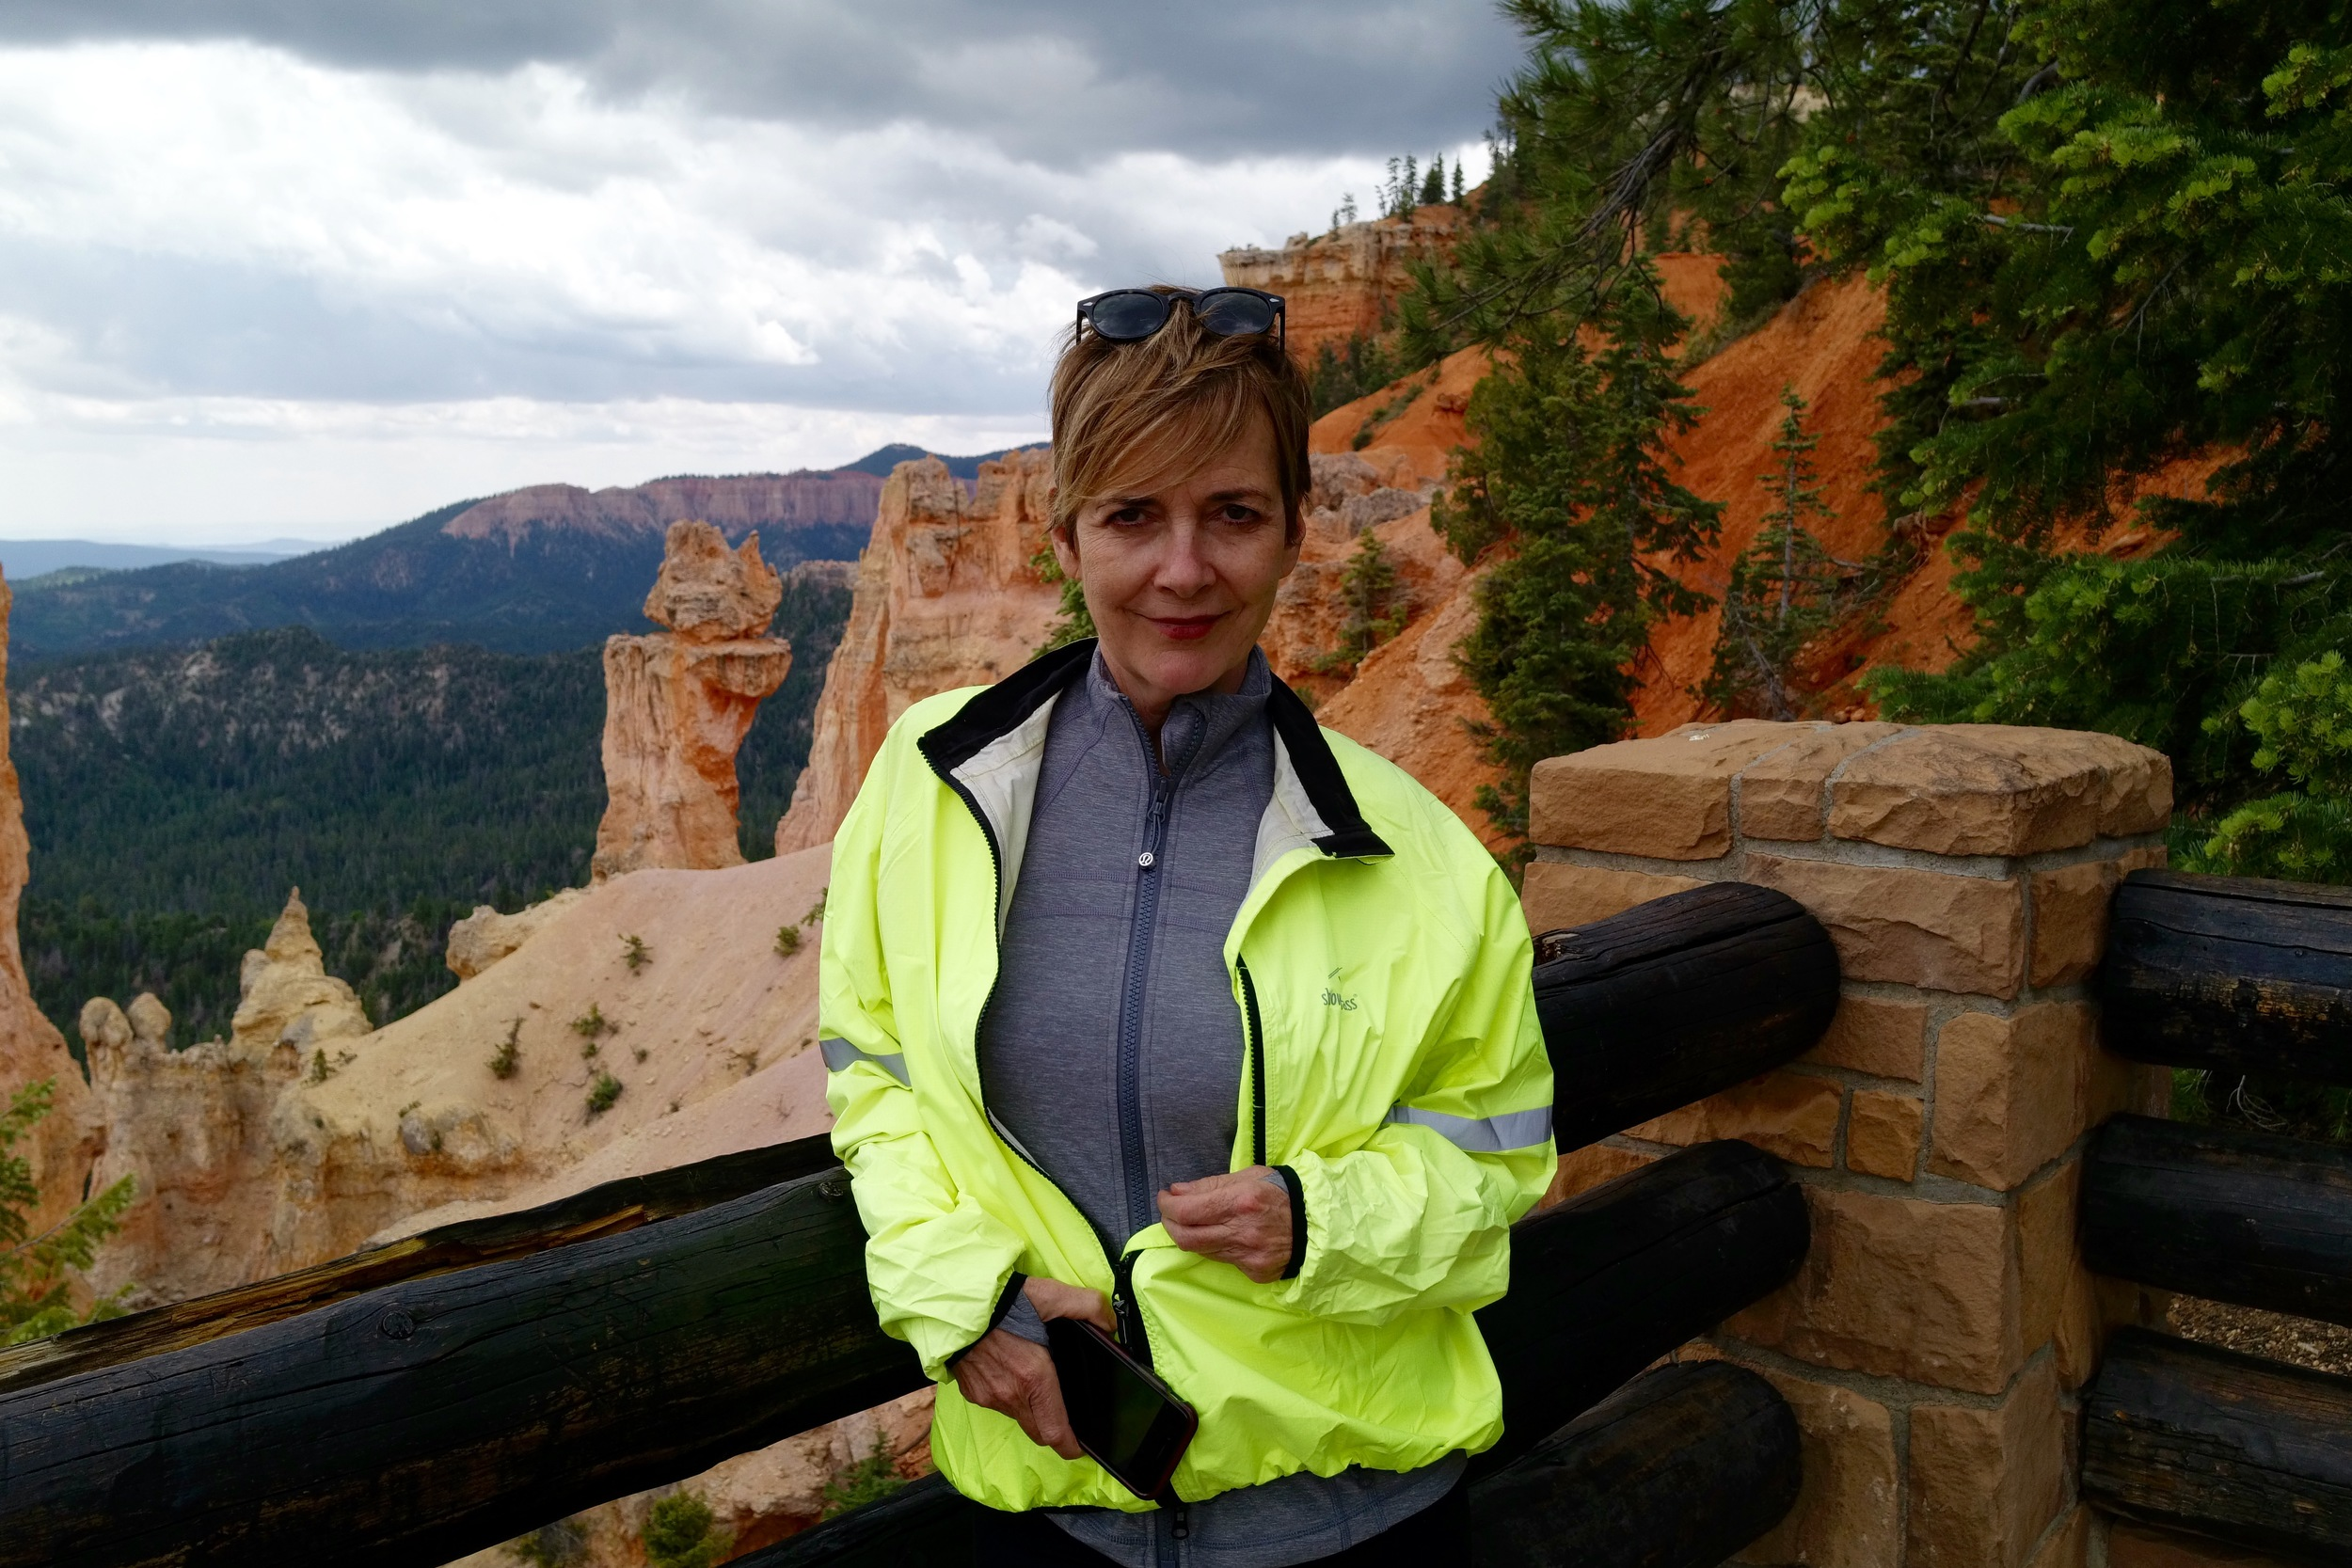 My friend Maryjane Fahey enjoying the Bryce scenery.